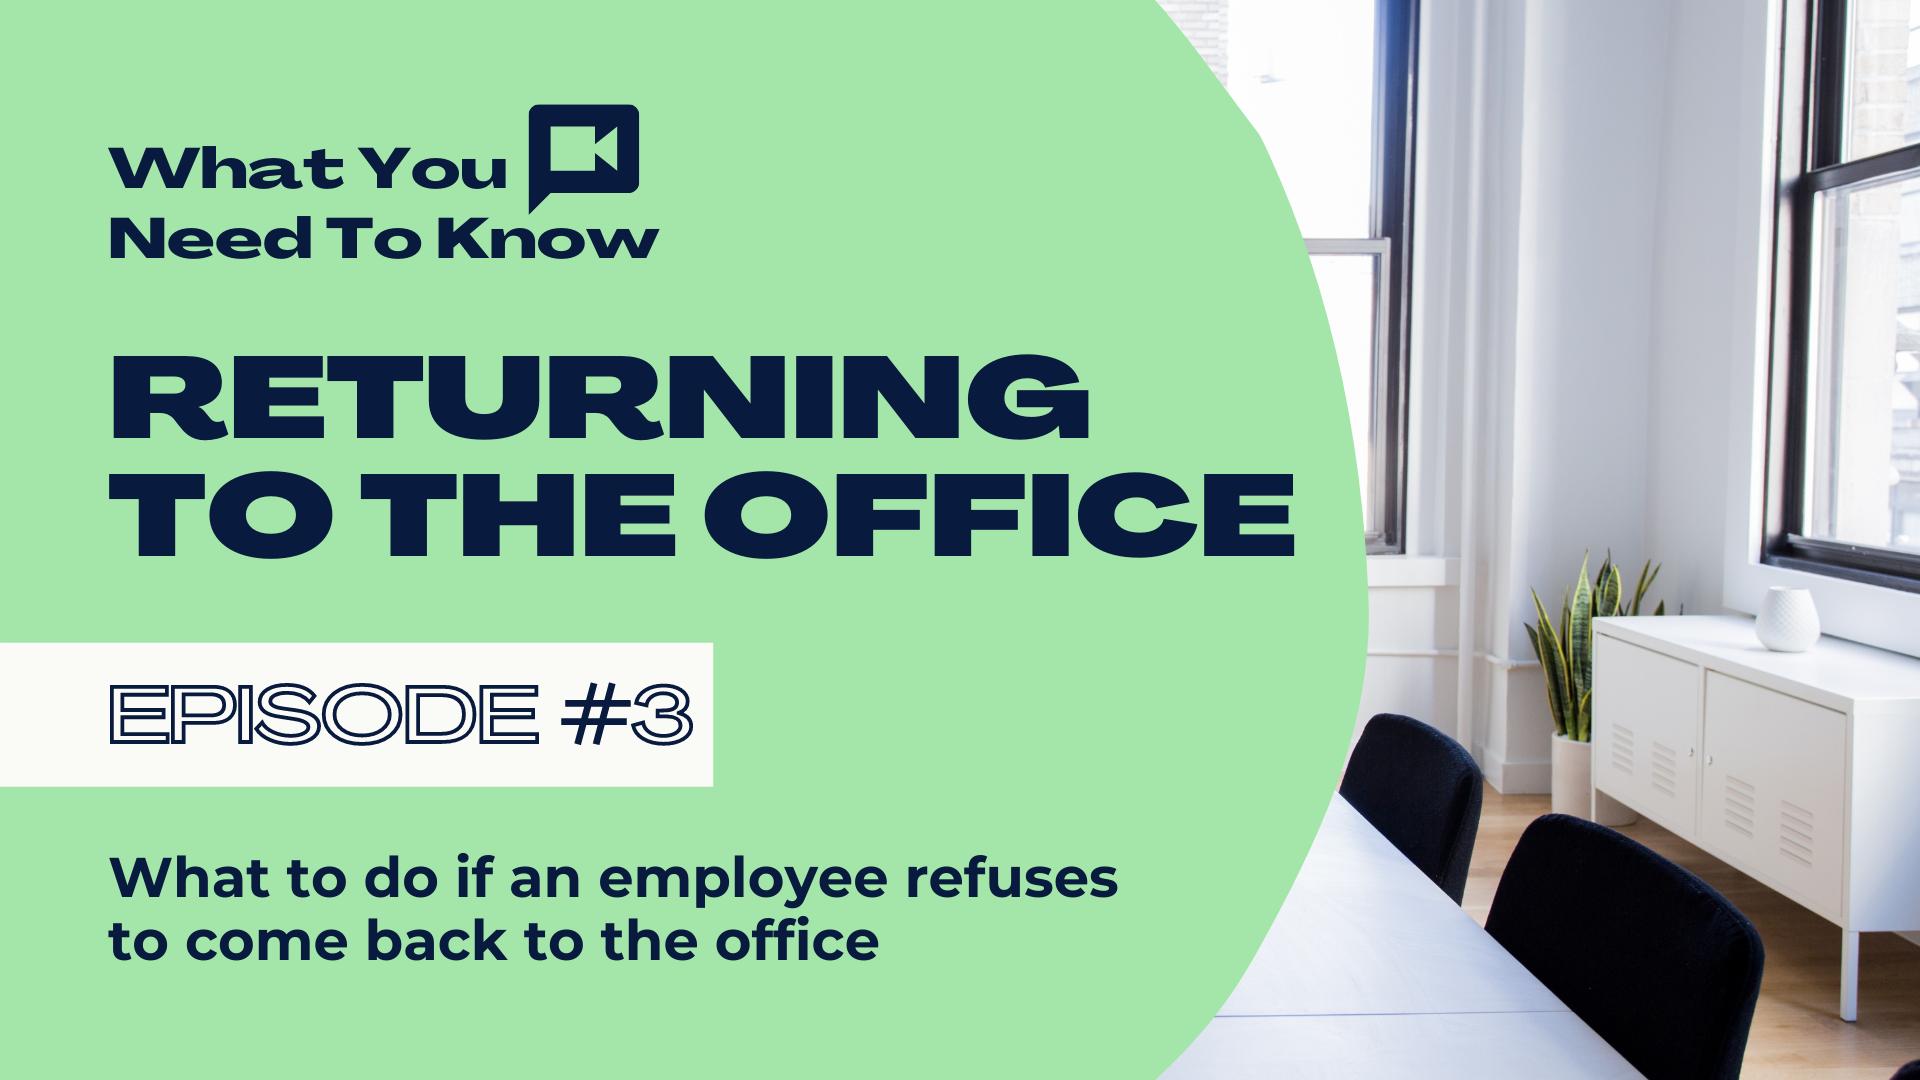 Que faire si un employé refuse de revenir au bureau? – Ce que vous devez savoir